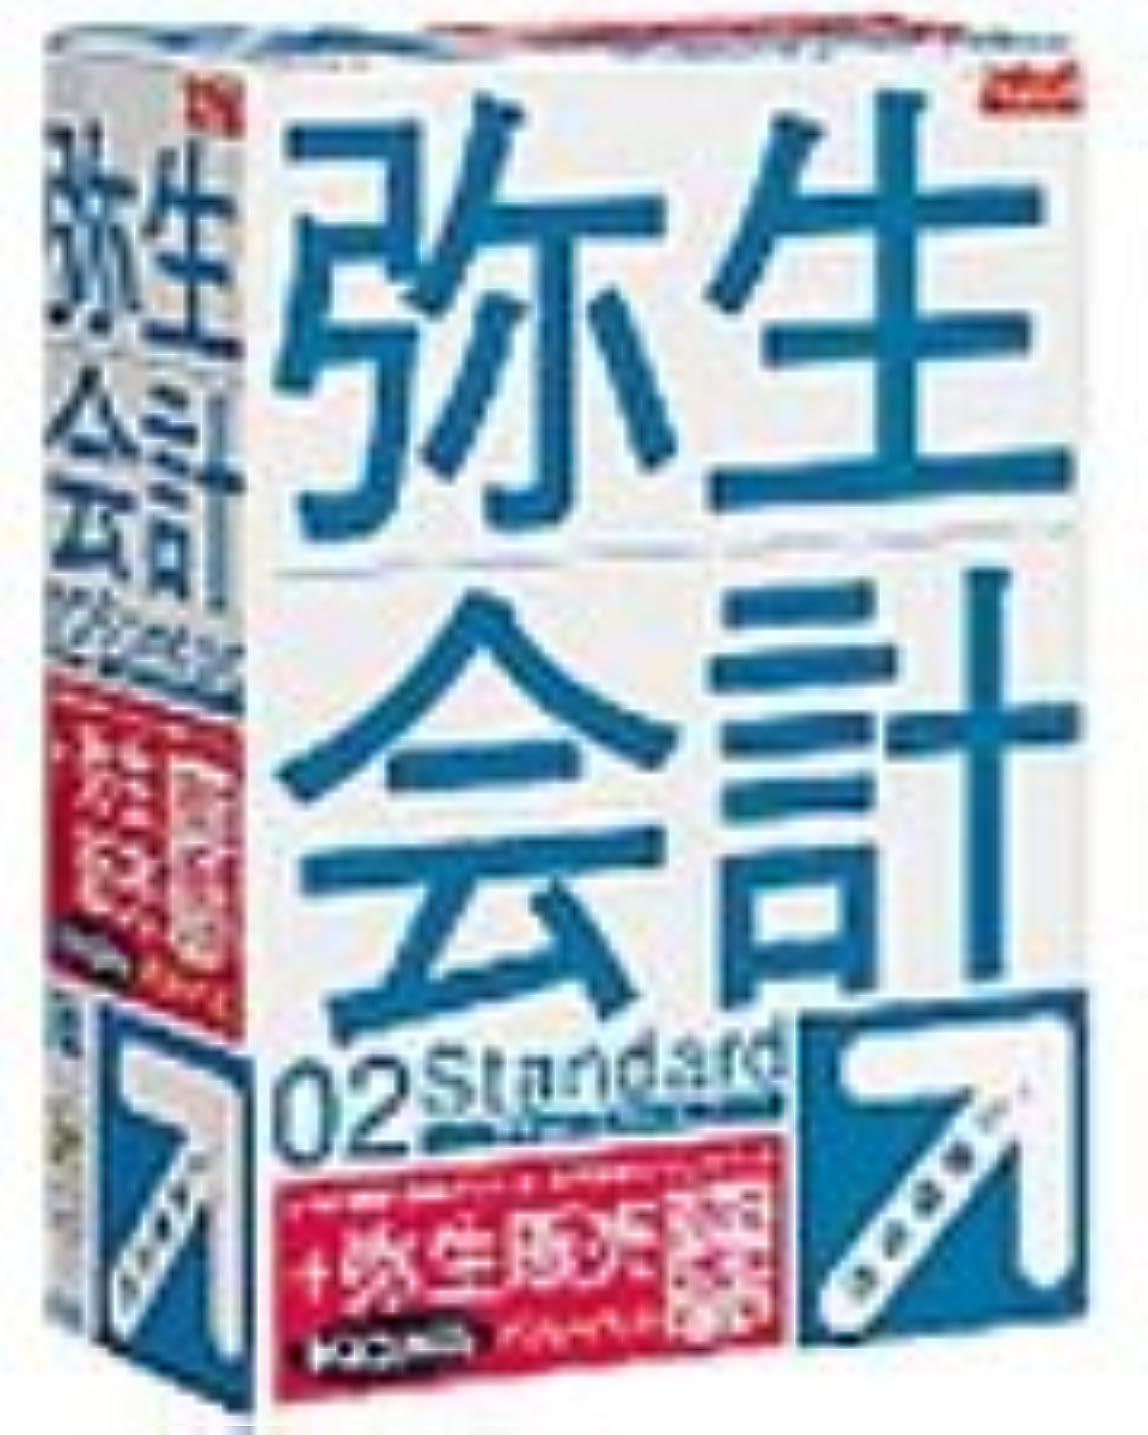 後世ベスト悲惨な【旧商品】弥生会計 02 Standard バリューパック